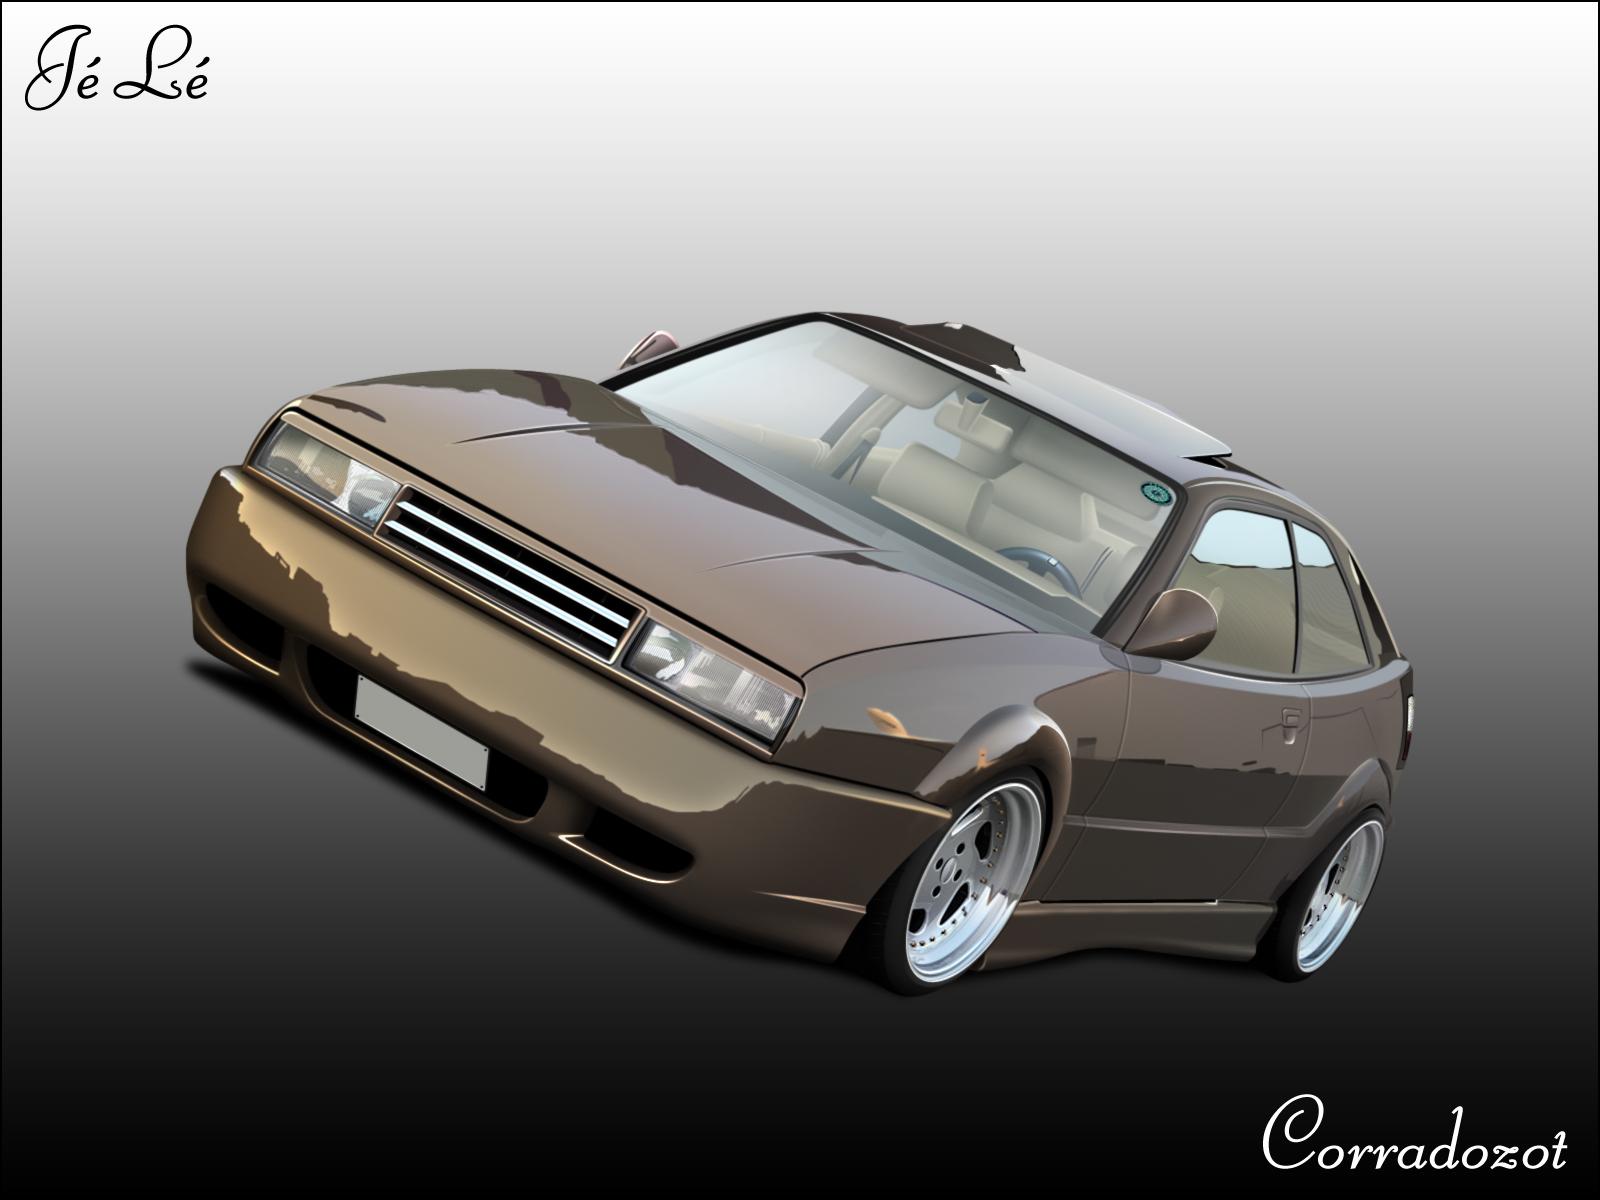 VW Corrado Cartoon by LeemansJ